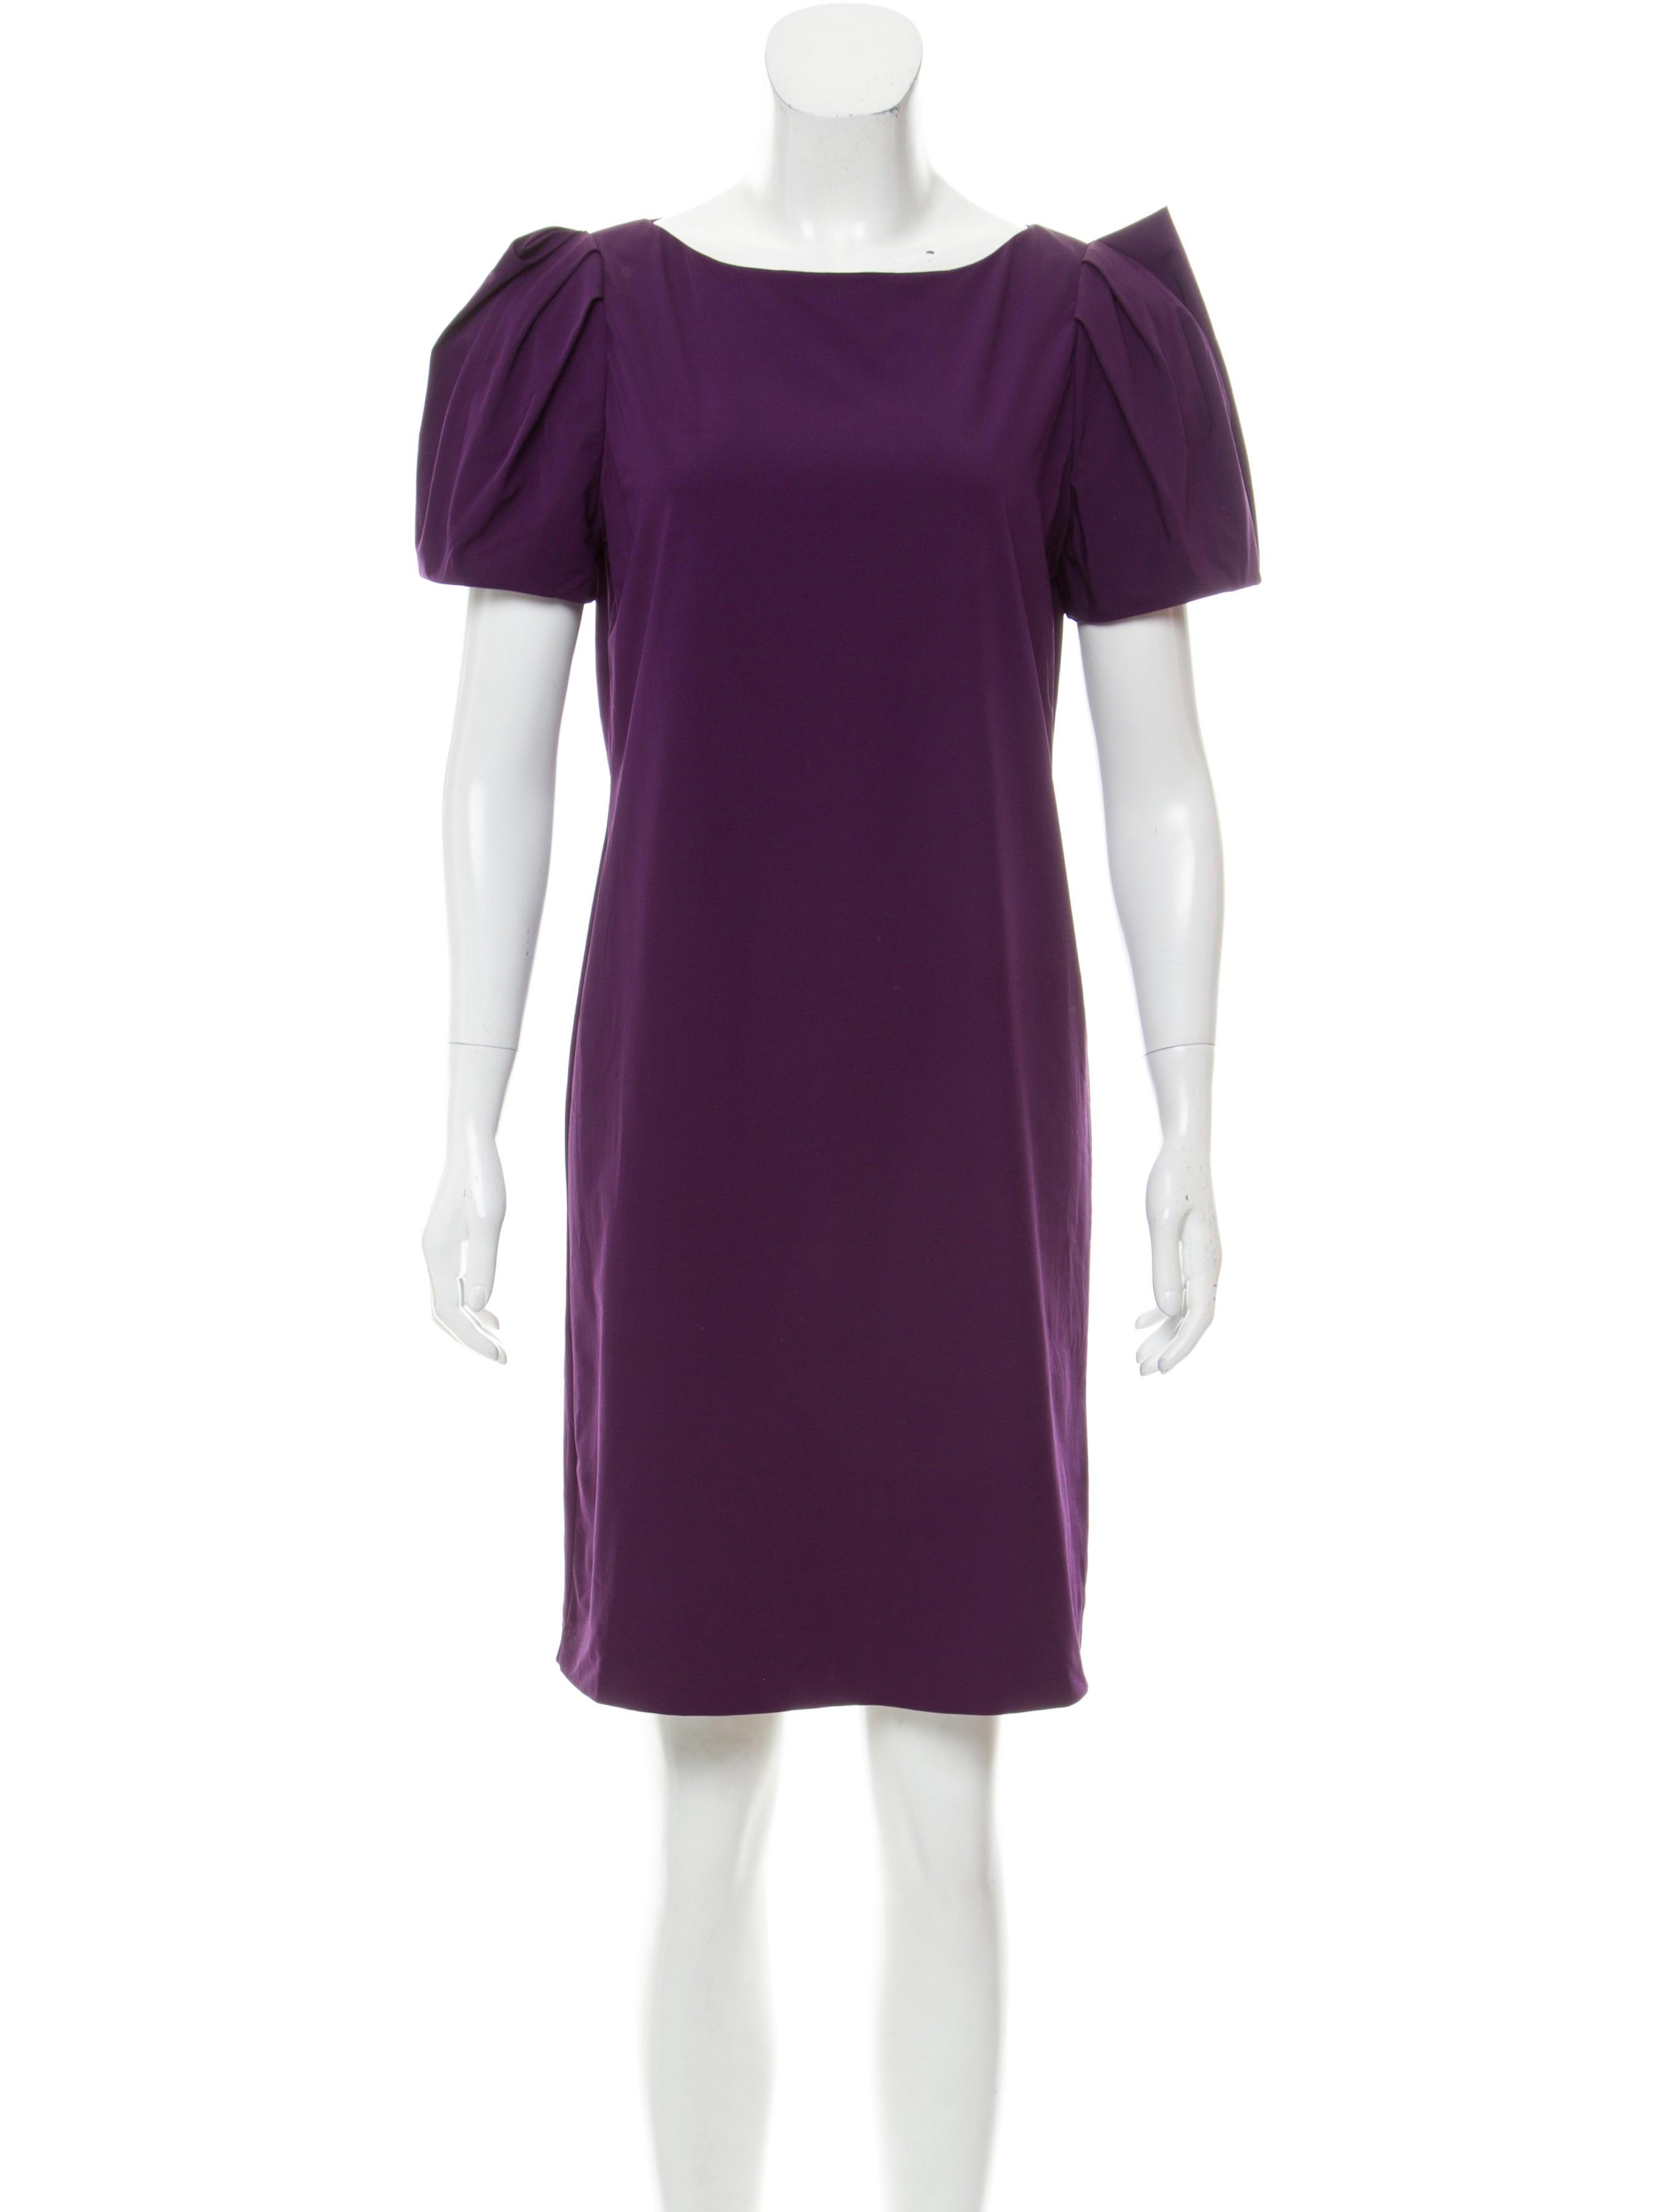 Diane von furstenberg lionel shift dress clothing for Diane von furstenberg clothing